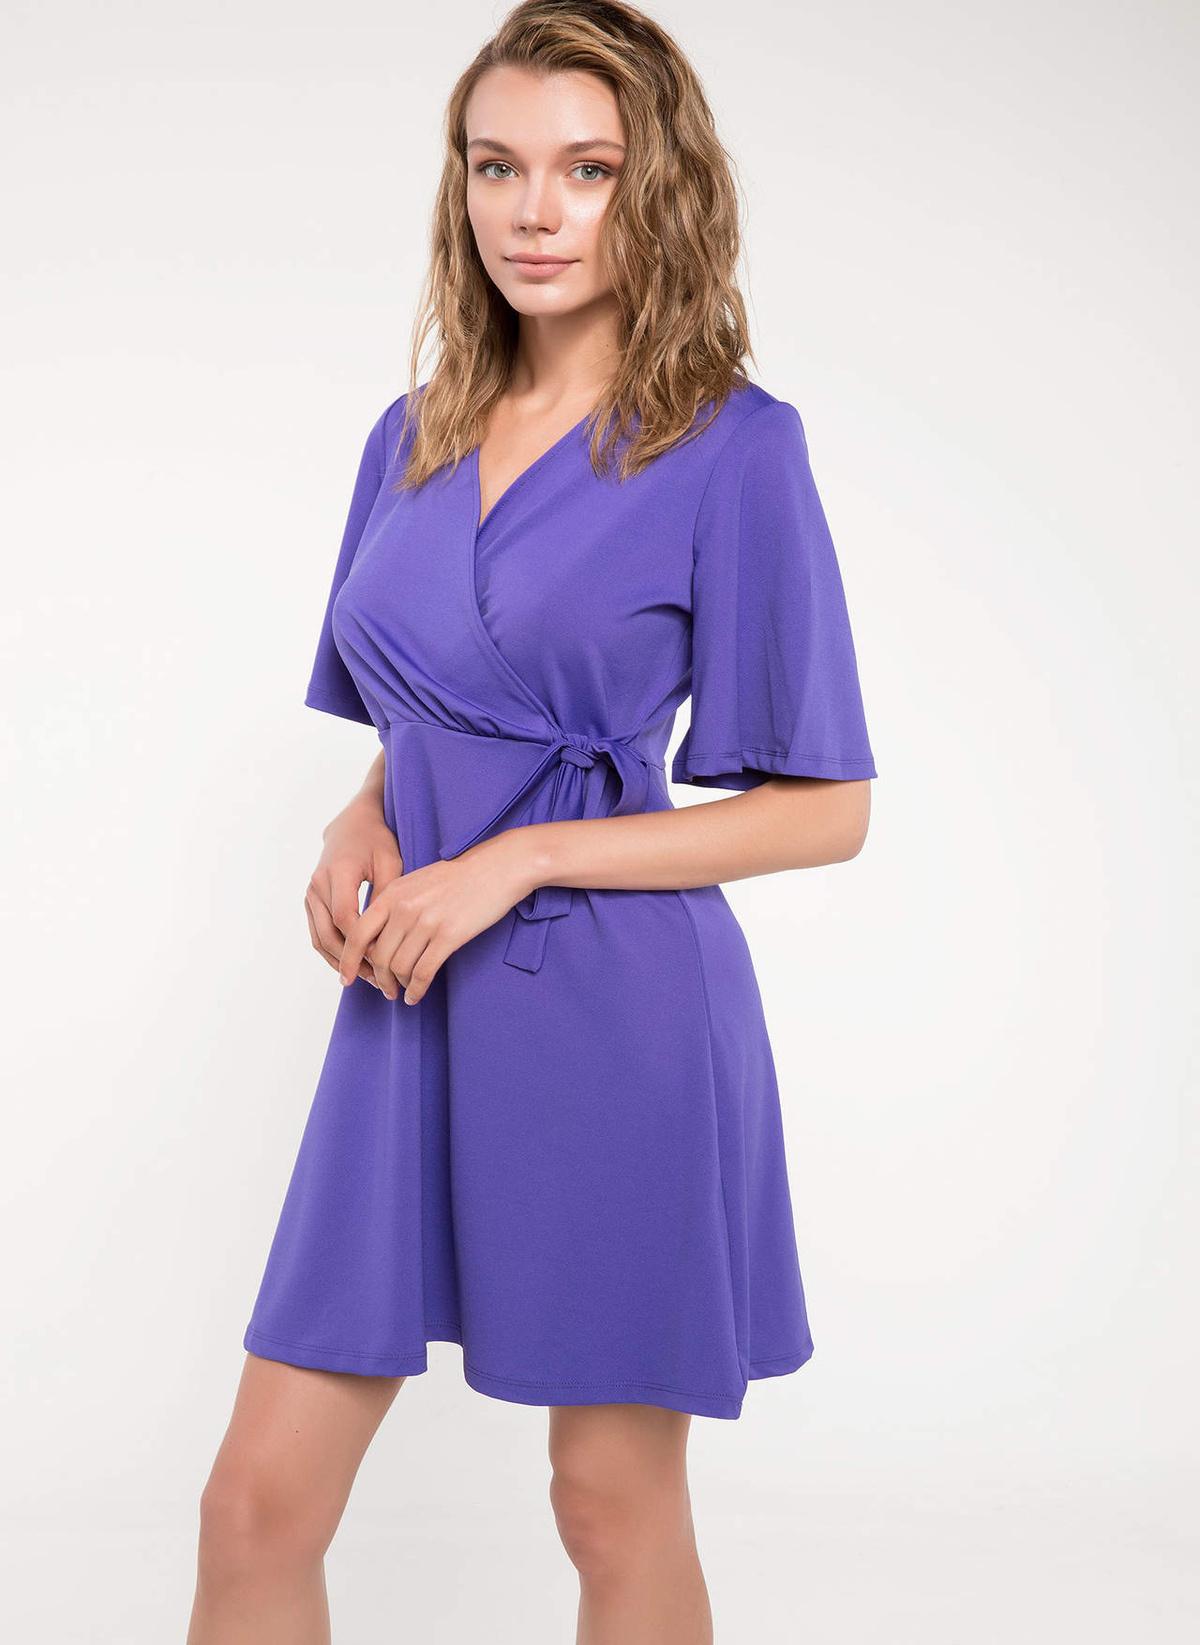 Defacto Beli Bağlama Detaylı Anvelop Elbise J6462az18hspr231elbise – 39.99 TL